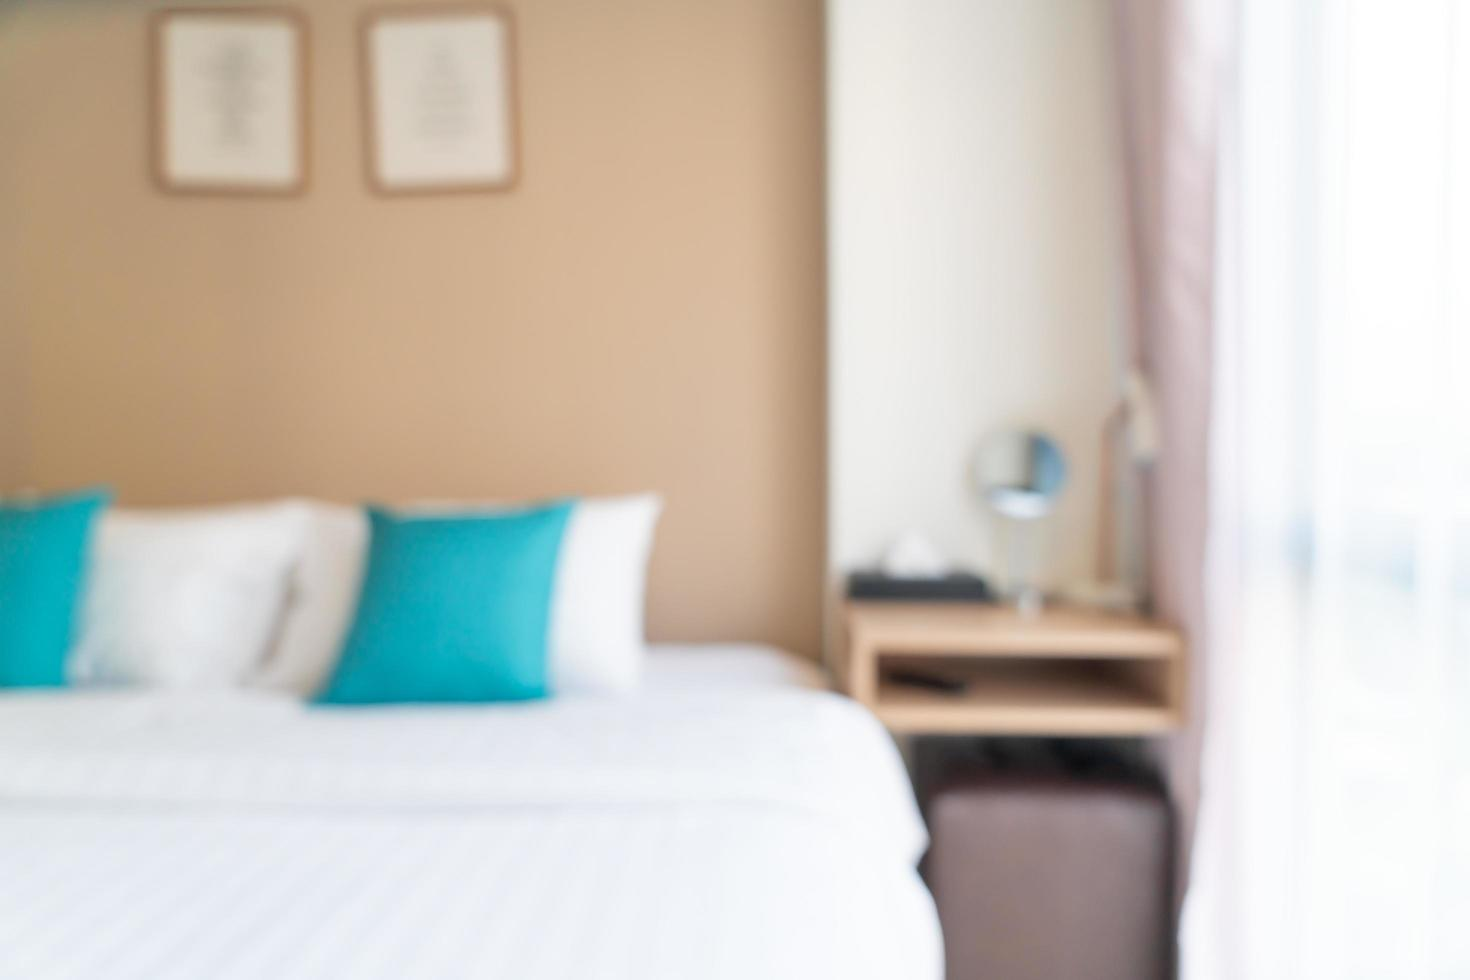 abstrakt oskärpa säng i sovrummet för bakgrund foto